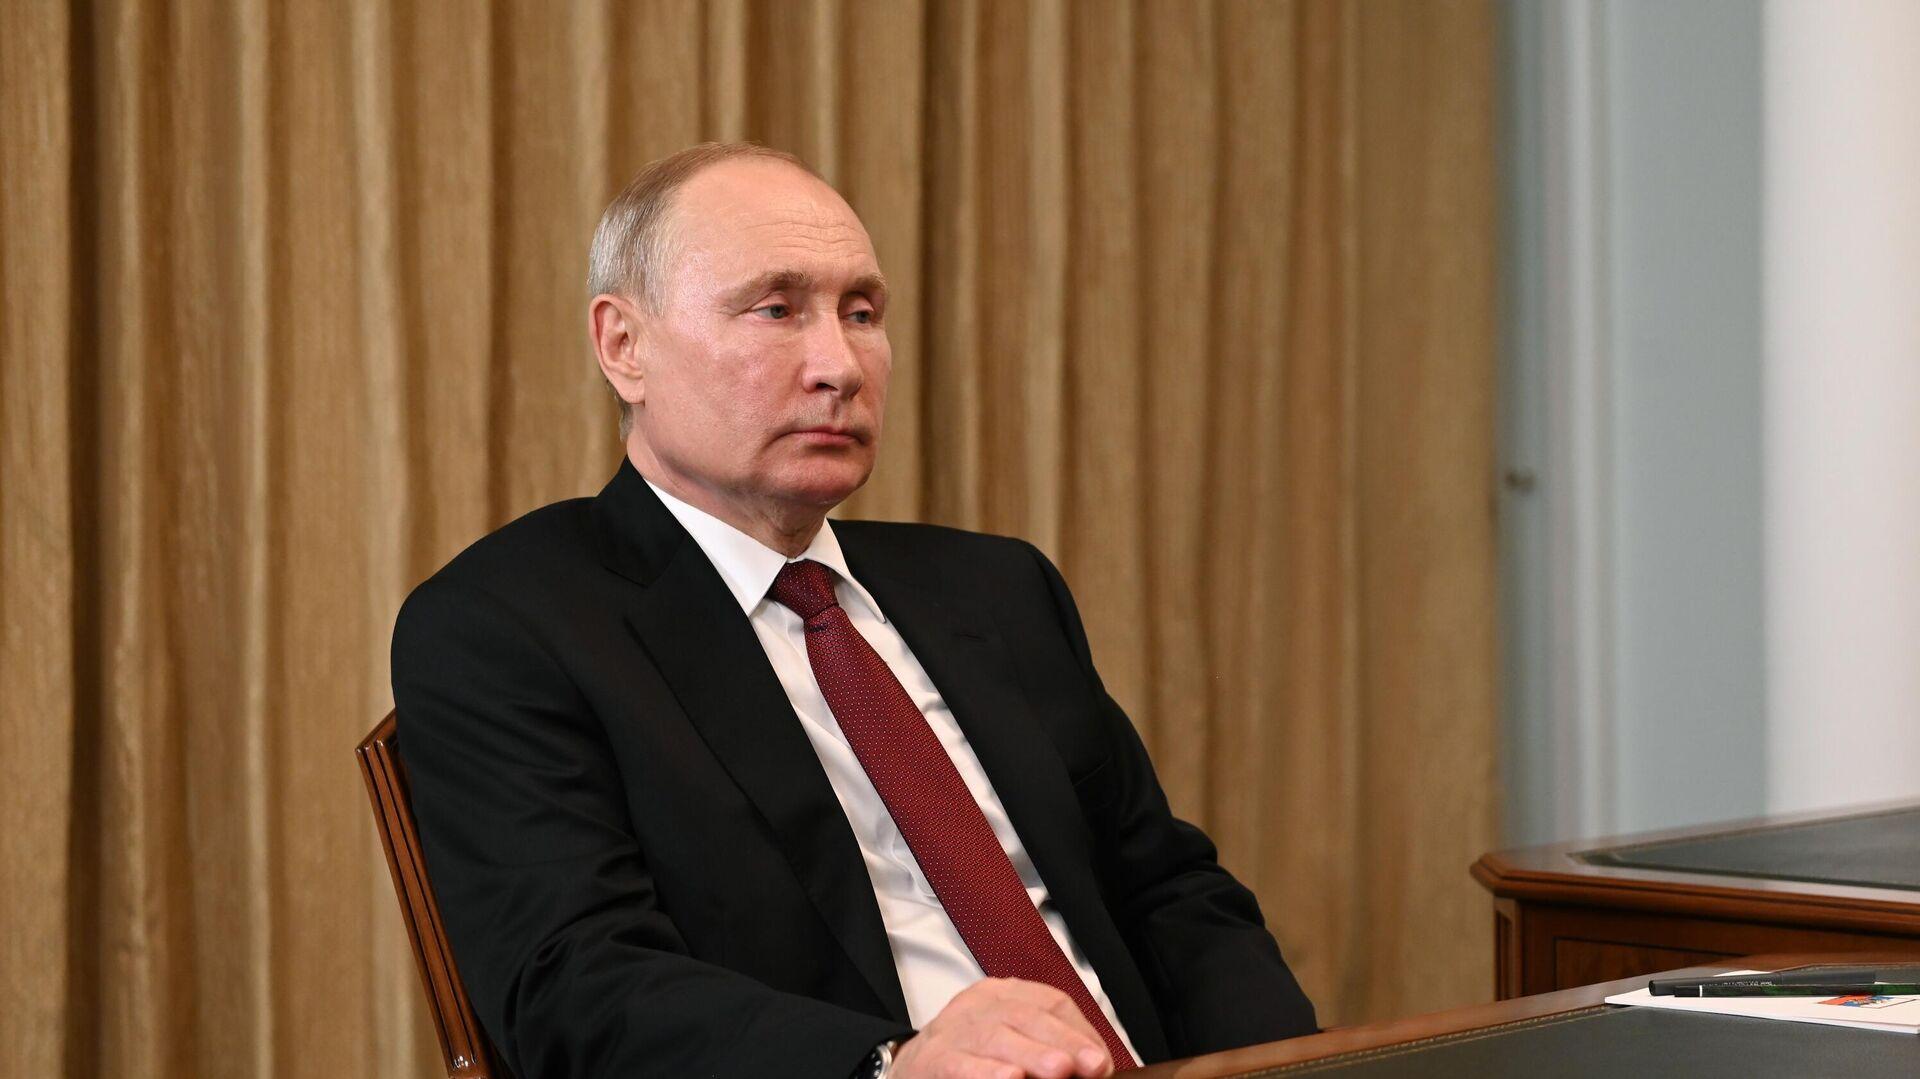 Президент РФ Владимир Путин во время встречи в Кемерово с губернатором Кемеровской области Сергеем Цивилевым - РИА Новости, 1920, 07.07.2021